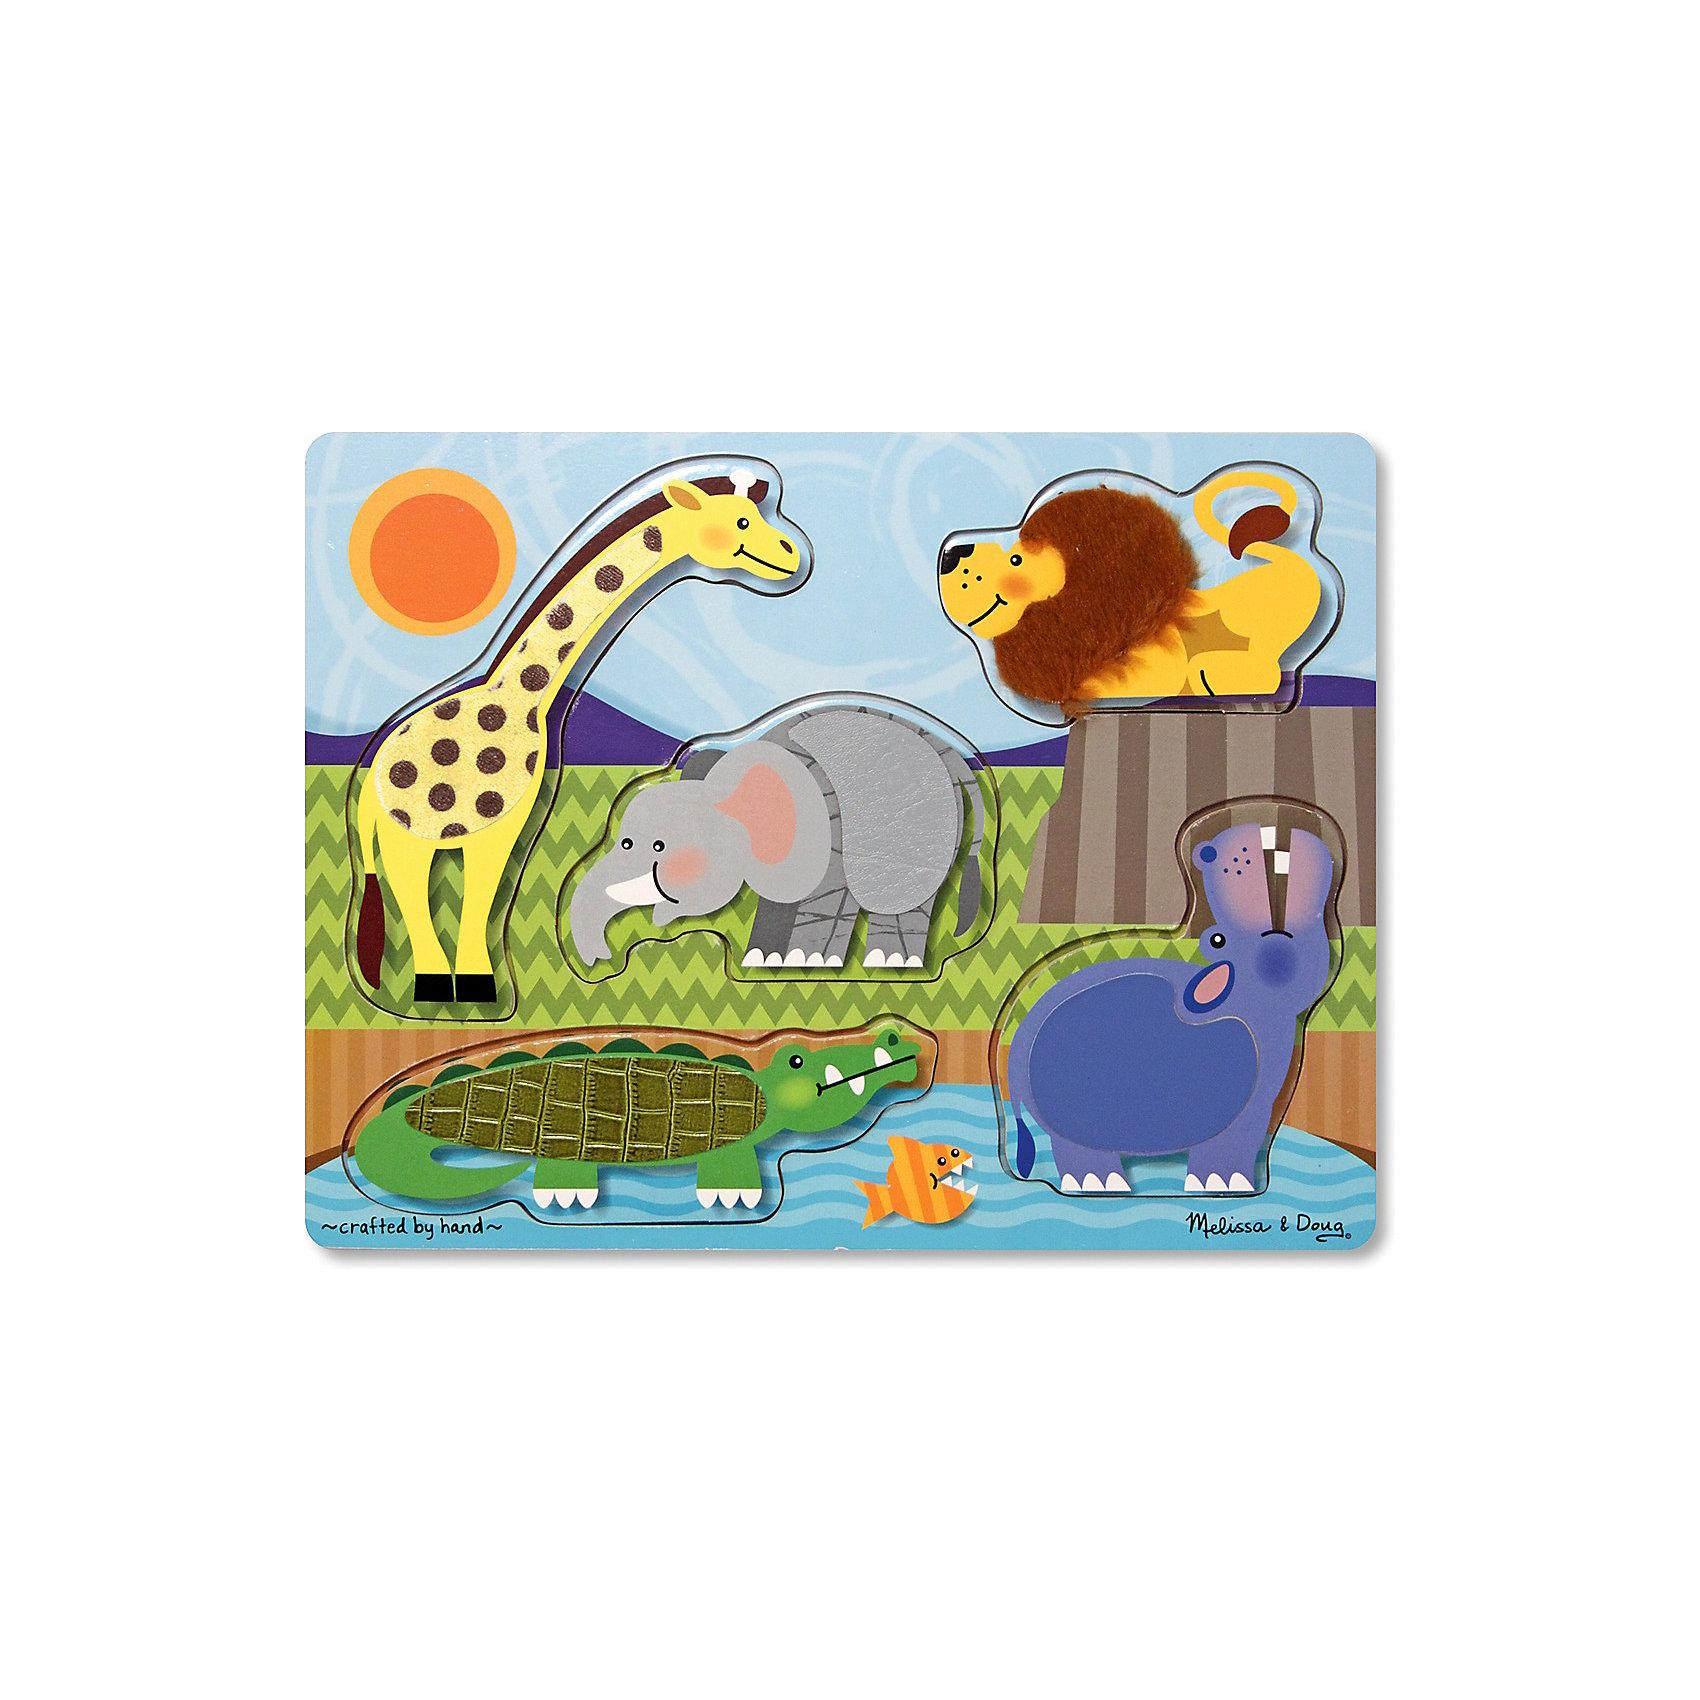 Рамка-вкладыш Зоопарк, 5 деталей, Melissa &amp; DougПазл Зоопарк, 5 деталей, Melissa &amp; Doug - идеальный выбор для самых маленьких. Игрушки с изображением животных привлекают внимание малышей. Кроха обязательно узнает: жирафа, льва, крокодила, бегемота и конечно слона. Фигурки с замечательными животными вынимаются и малышу необходимо вставить их на место. Делать это крохе будет намного интереснее, ведь с помощью искусственного меха производители сымитировали настоящую шерстку животных, живущих в зоопарке. Малыш будет снова и снова прикасаться к любимым животным и развивать тактильные навыки, так необходимые малышу для познания мира. Играйте и наслаждайтесь вместе с  Melissa &amp; Doug!<br><br>Дополнительная информация:<br><br>- Пазл 5 деталей идеален для самых маленьких;<br>- Потрясающие подарок для ребенка;<br>- Отличный тренажер мелкой моторики;<br>- Красочный дизайн;<br>- Каждое животное покрыто шерсткой;<br>- Материал: натуральное дерево, прессованный картон, ПВХ;<br>- Размер игрушки: 30 х 22 х 1 см;<br>- Размер упаковки: 30 х 10 х 23 см;<br>- Вес: 453 г<br><br>Пазл Зоопарк, 5 деталей, Melissa &amp; Doug   можно купить в нашем интернет-магазине.<br><br>Ширина мм: 300<br>Глубина мм: 10<br>Высота мм: 230<br>Вес г: 453<br>Возраст от месяцев: 24<br>Возраст до месяцев: 36<br>Пол: Унисекс<br>Возраст: Детский<br>SKU: 3861958